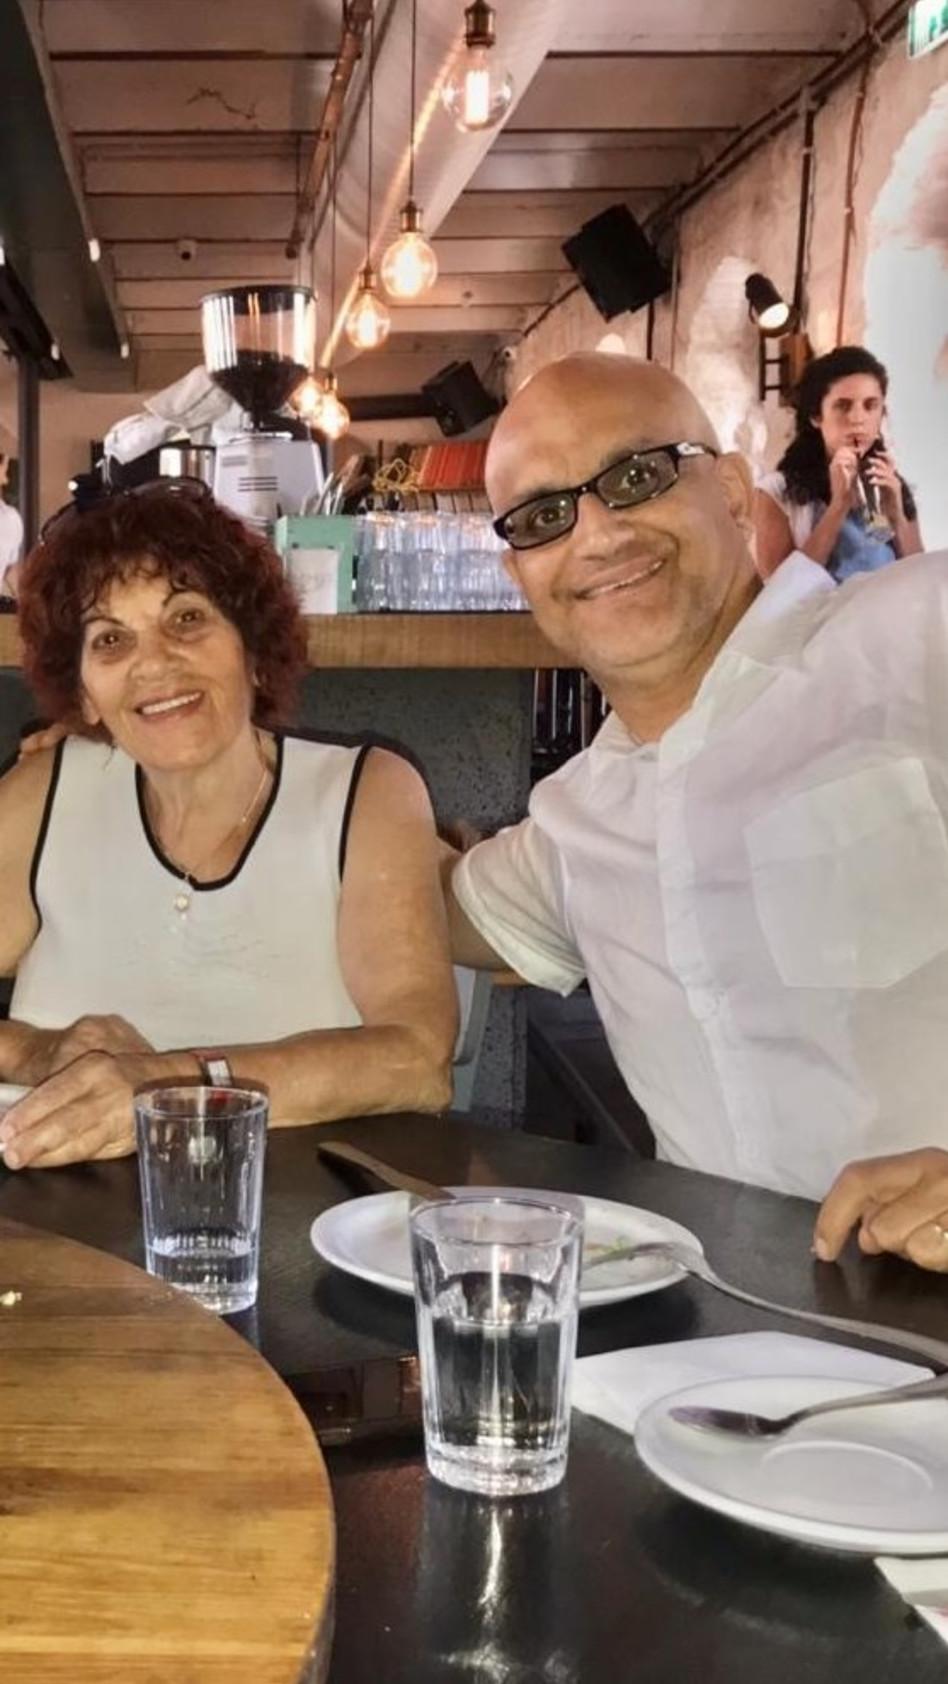 עוזי יצחקי ודוריס יצחקי (צילום: פרטי)